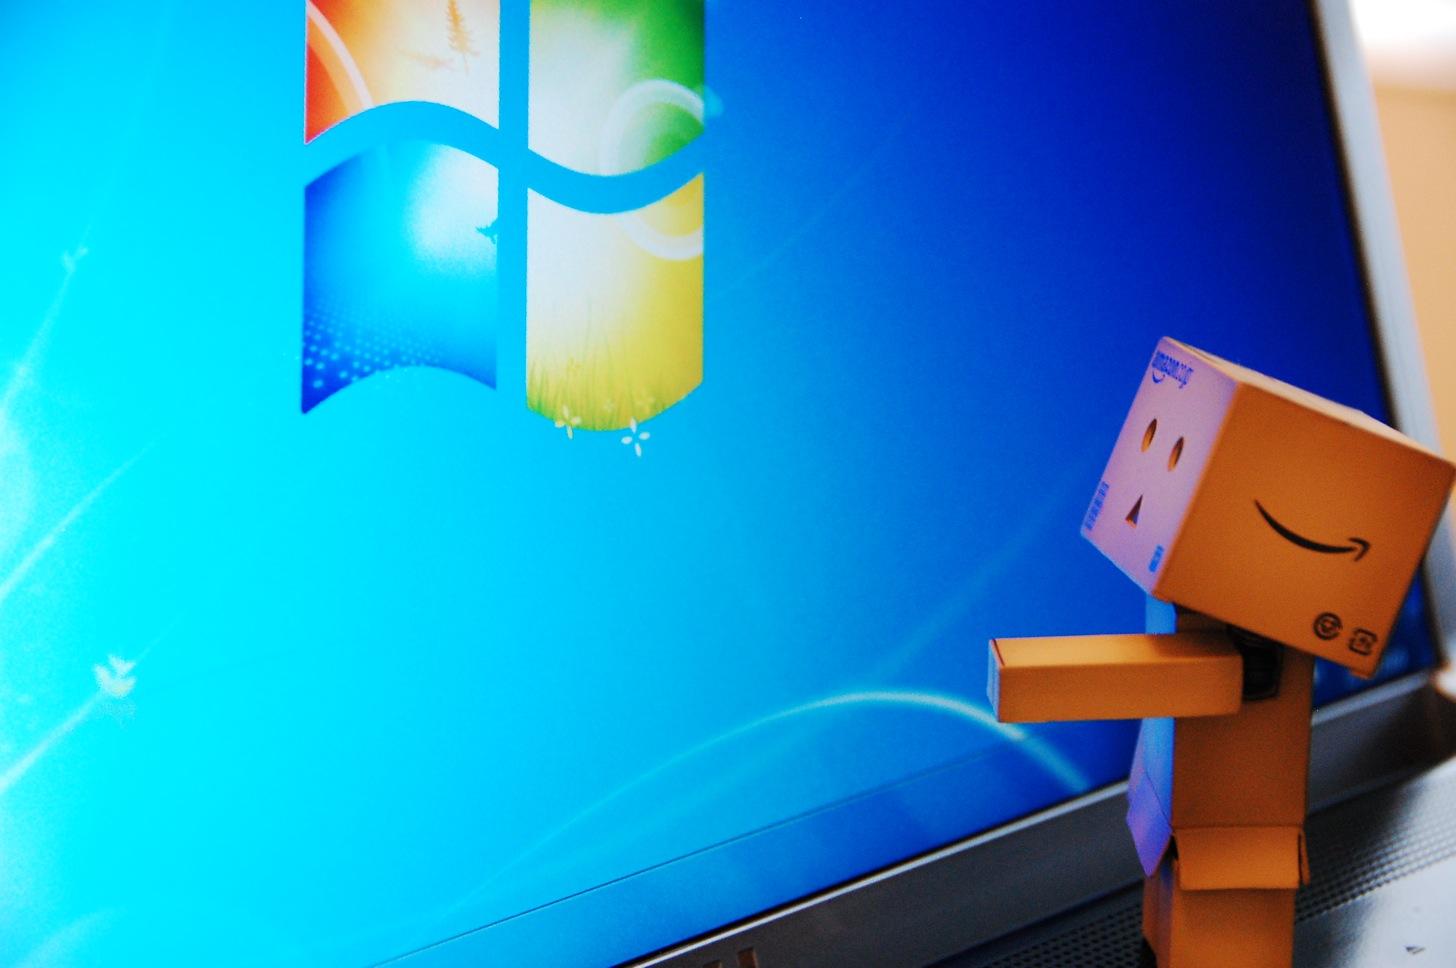 すべての家電屋さんに言いたい。「展示しているすべてのPCをネットが使えるようにしろ」と。